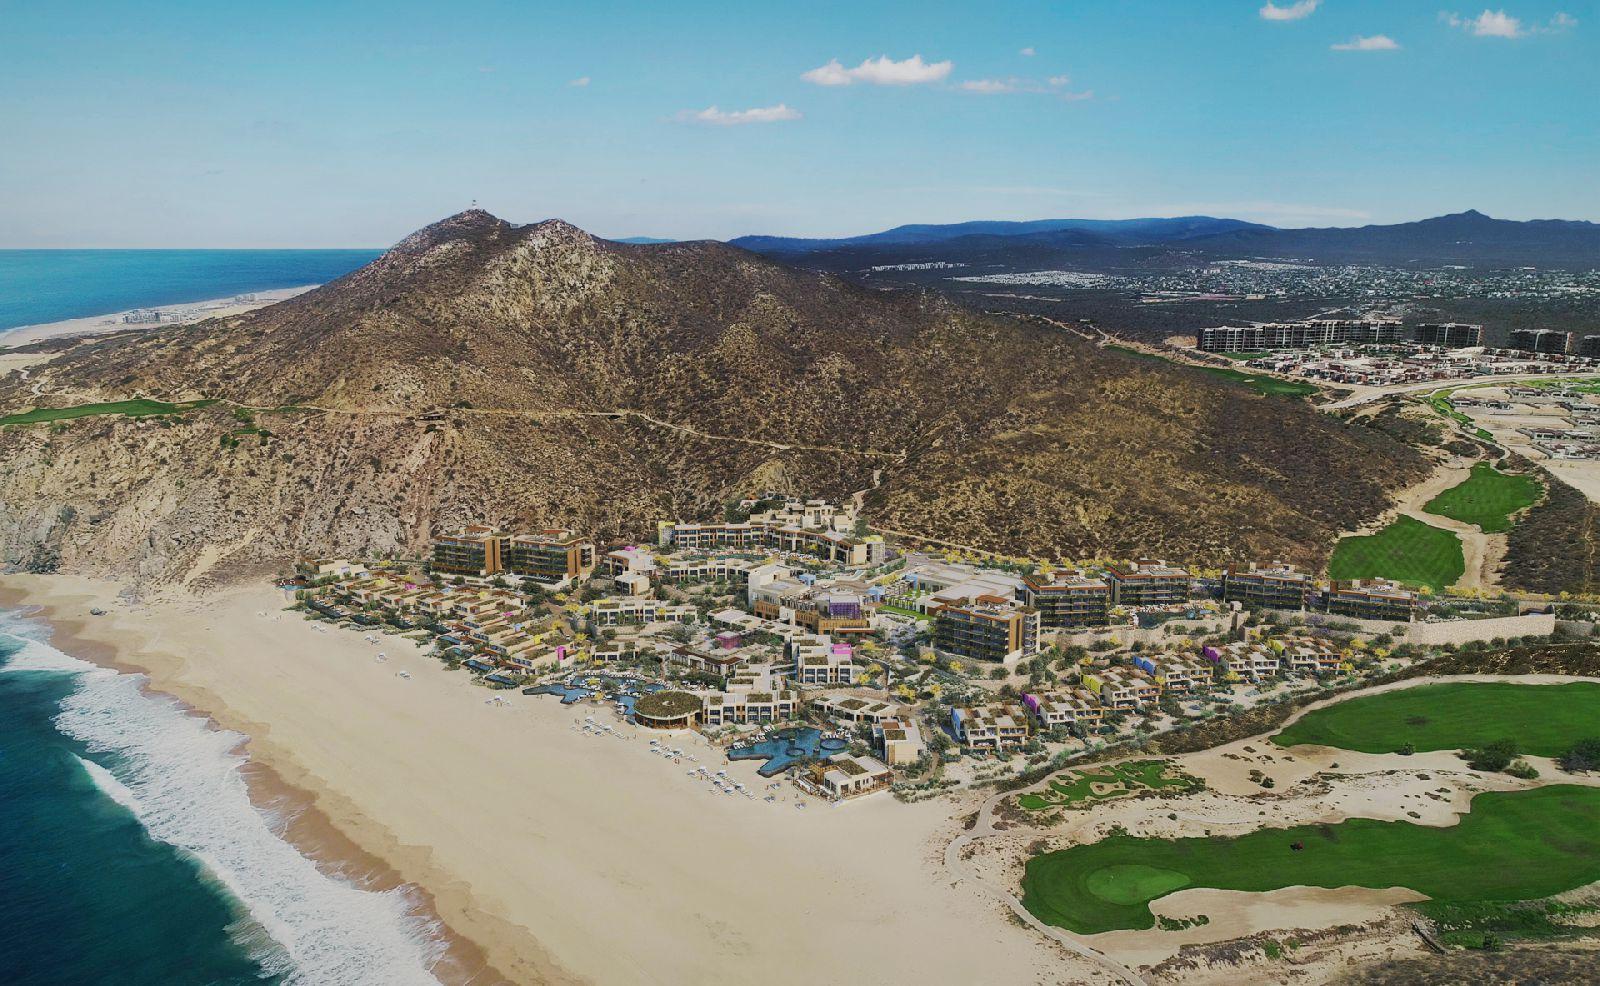 St. Regis Los Cabos